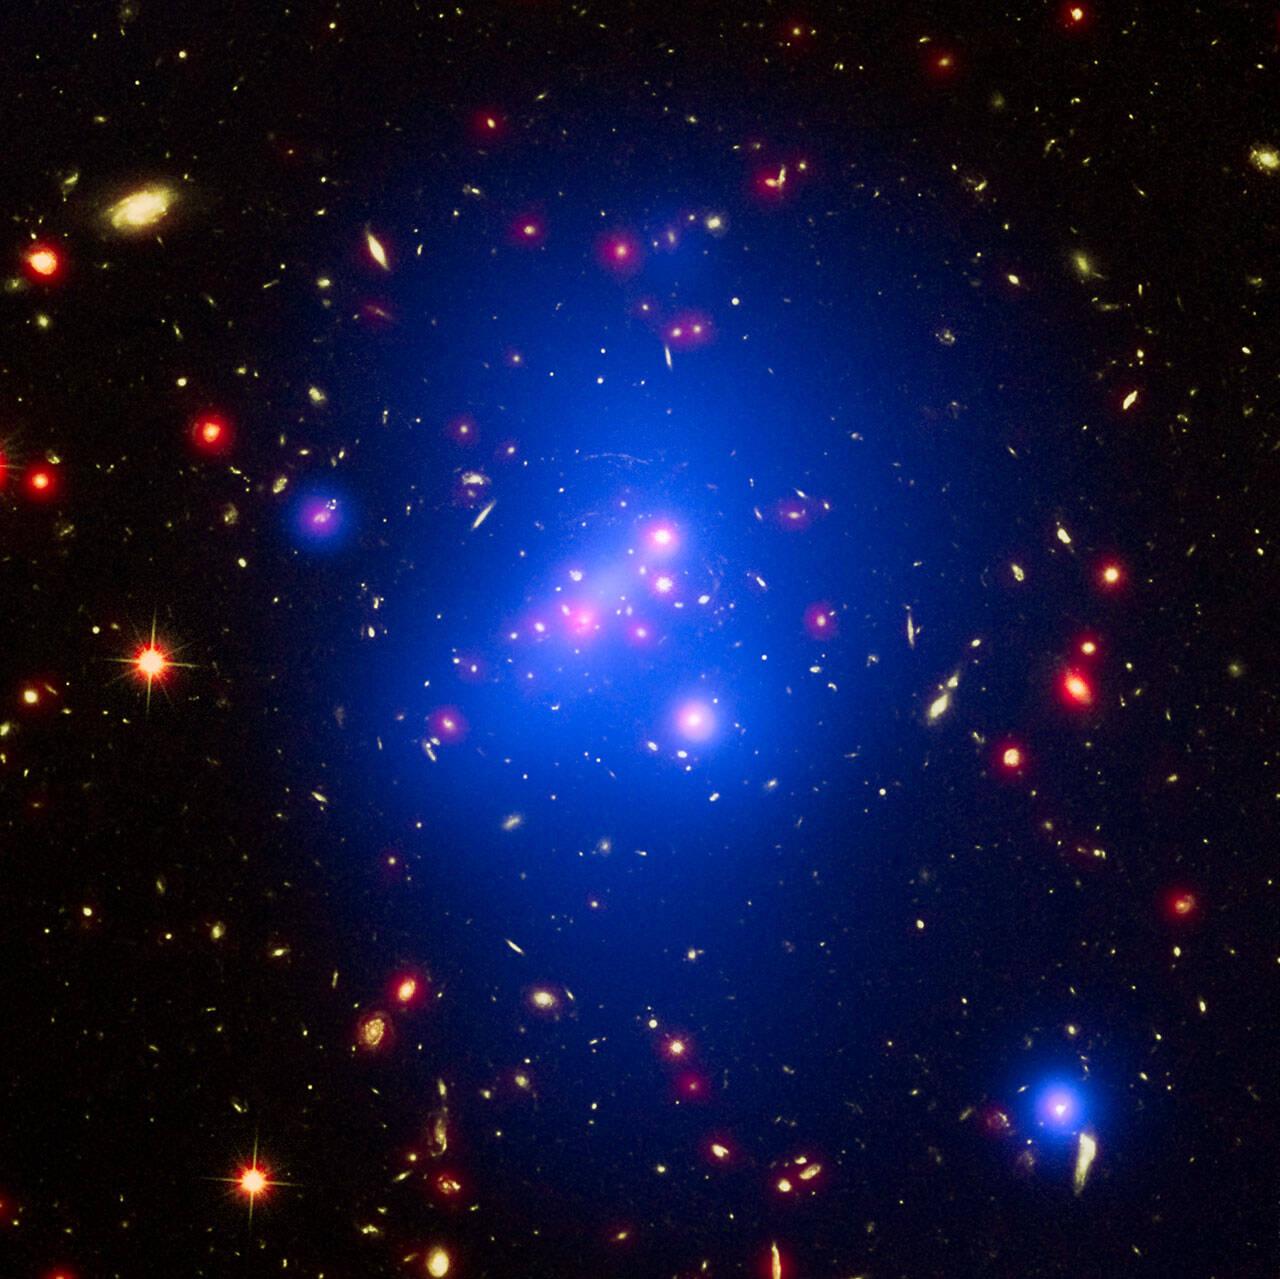 Andrey Kravtsov (Universidade de Chicago) e colaboradores mostraram que as grandes concentrações de matéria escura — onde aglomerados de galáxias se formam — são capazes de formar mais estrelas que o esperado. A descoberta nos força a repensar os modelos de formação de galáxias. Foto: ESA/Hubble